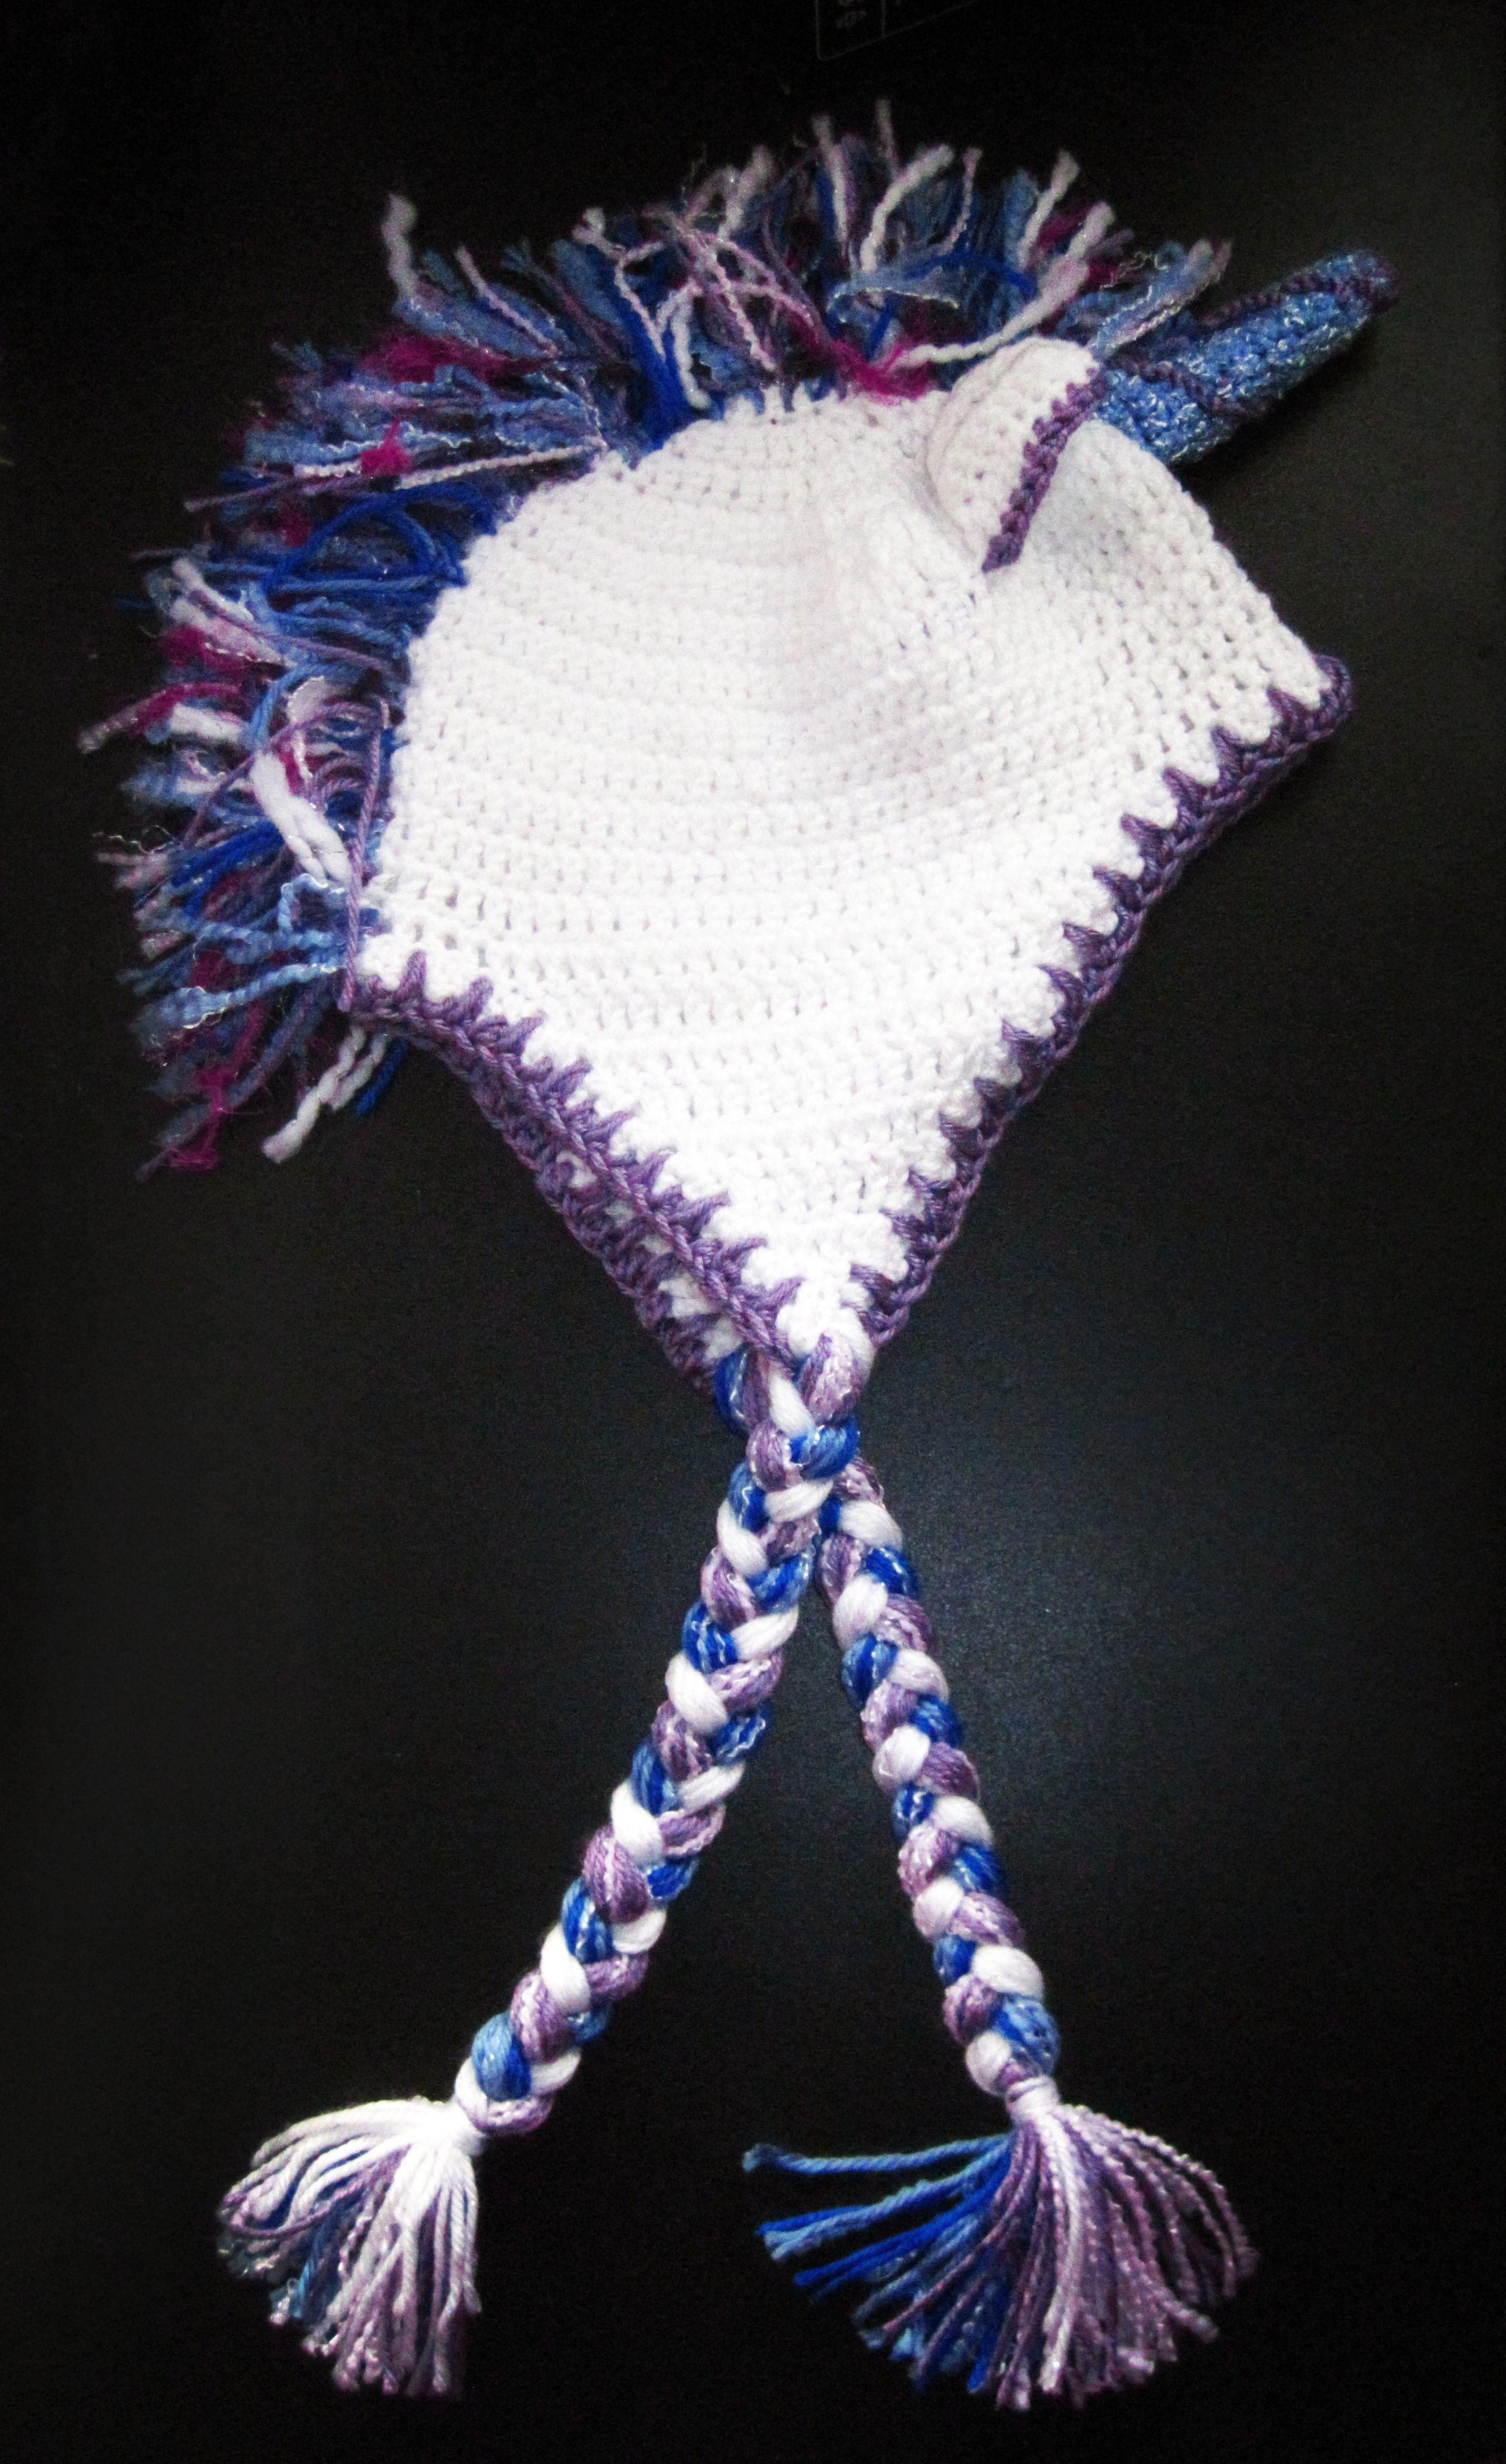 Unicorn Knitting Pattern Free : Unicorn hat crochet knitting and crocheting pinterest